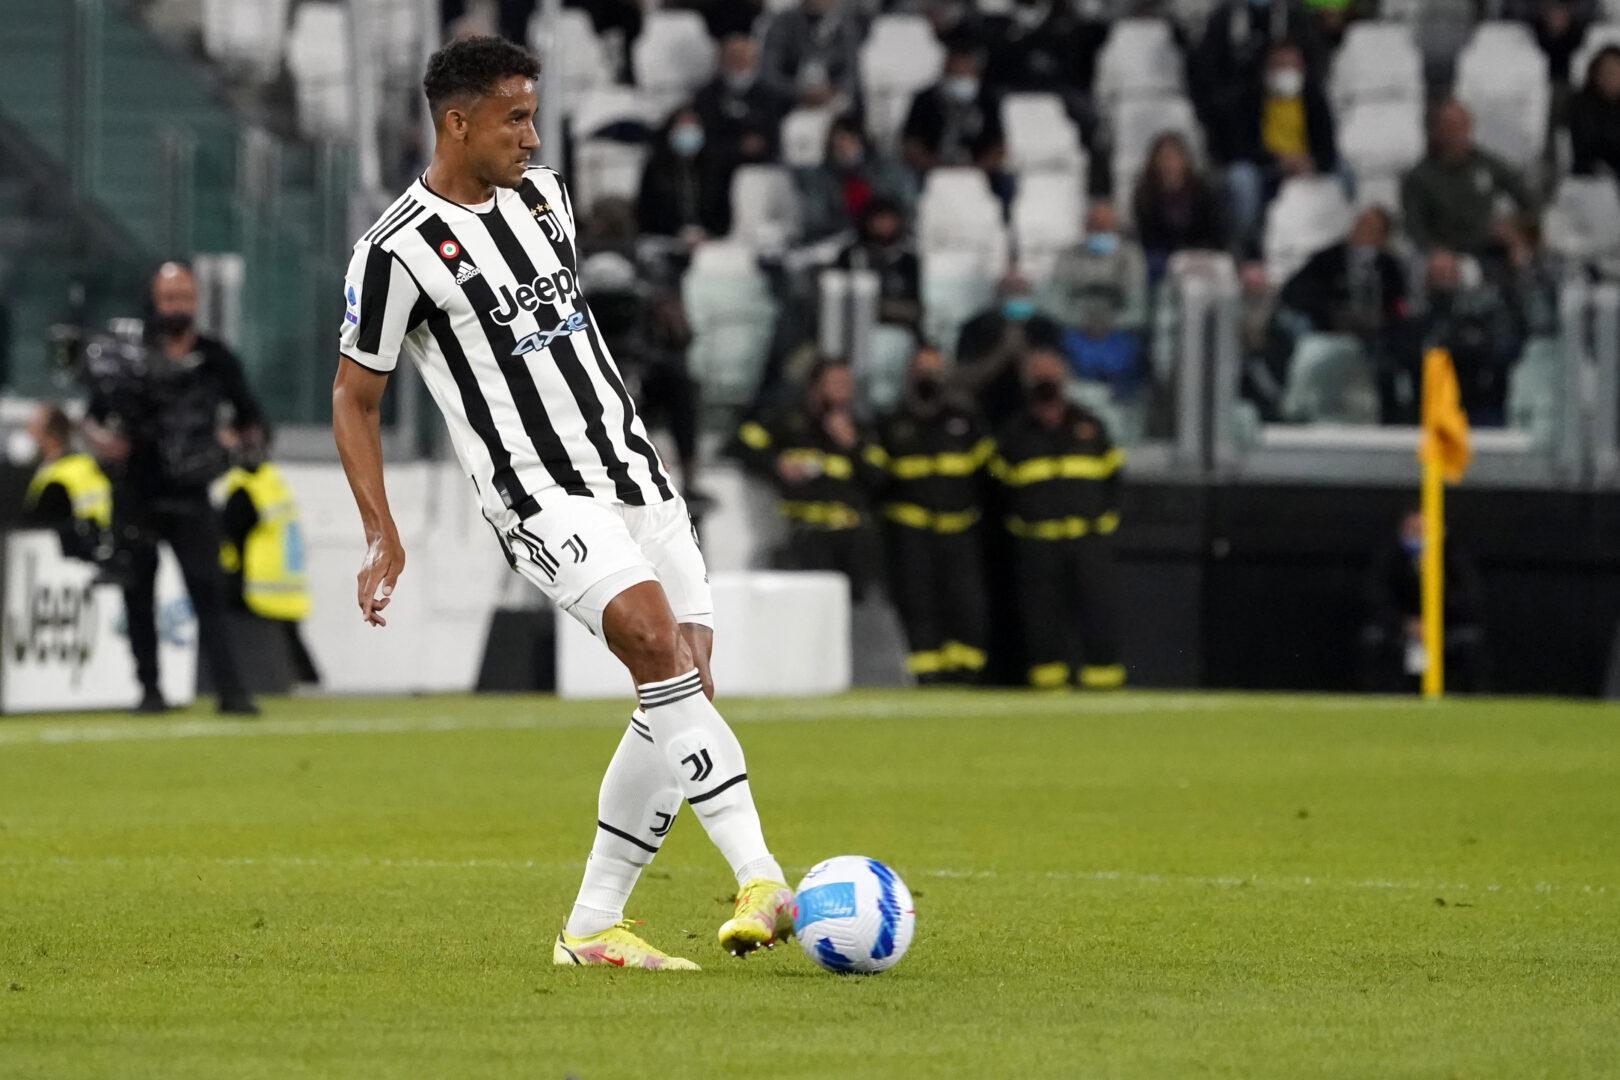 Danilo im Trikot von Juventus beim Passspiel